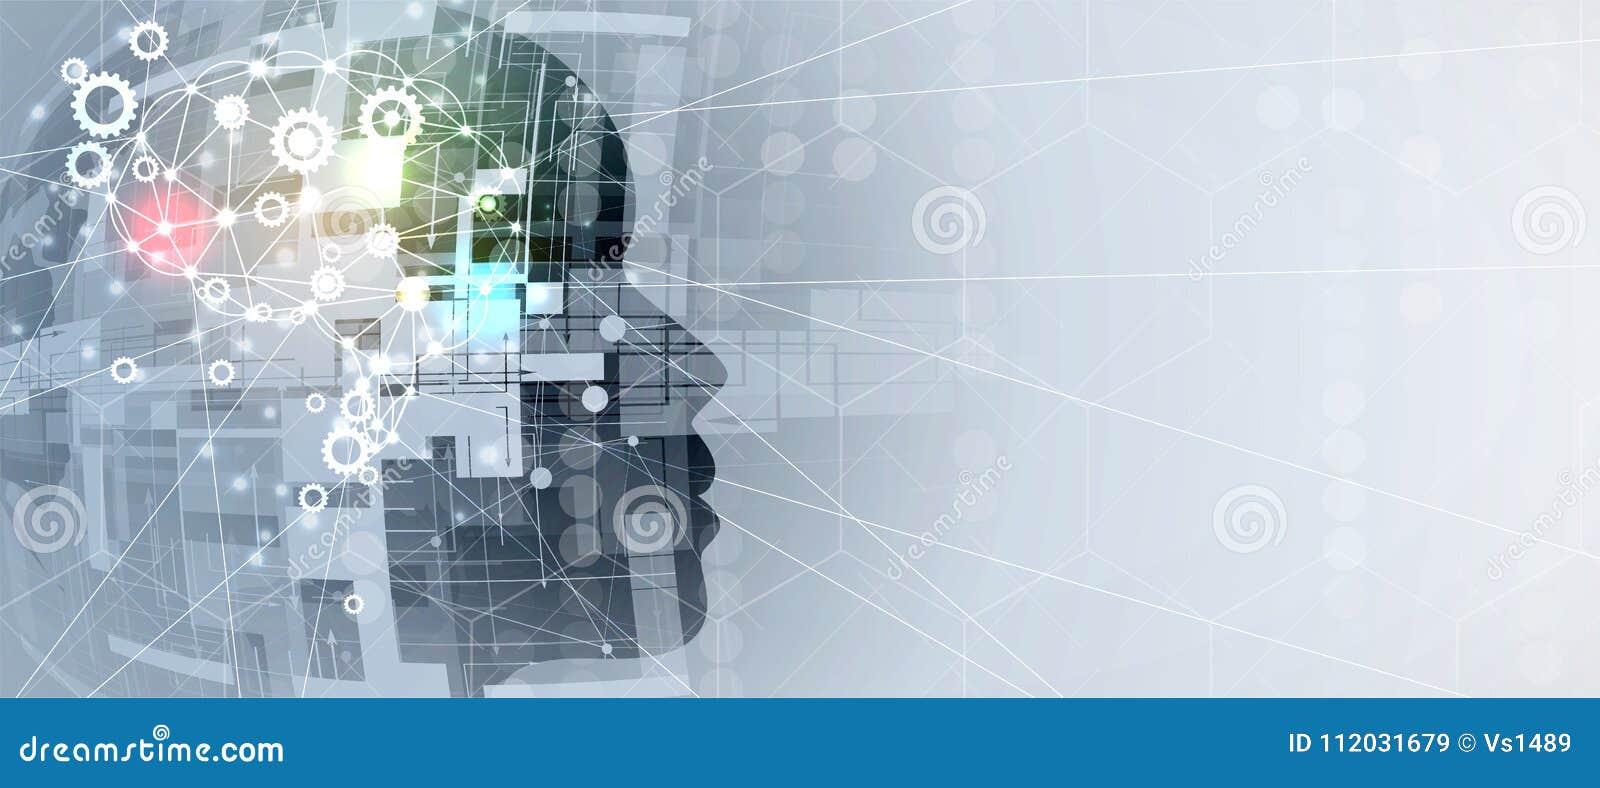 人工智能 技术齿轮系统网背景 真正浓缩